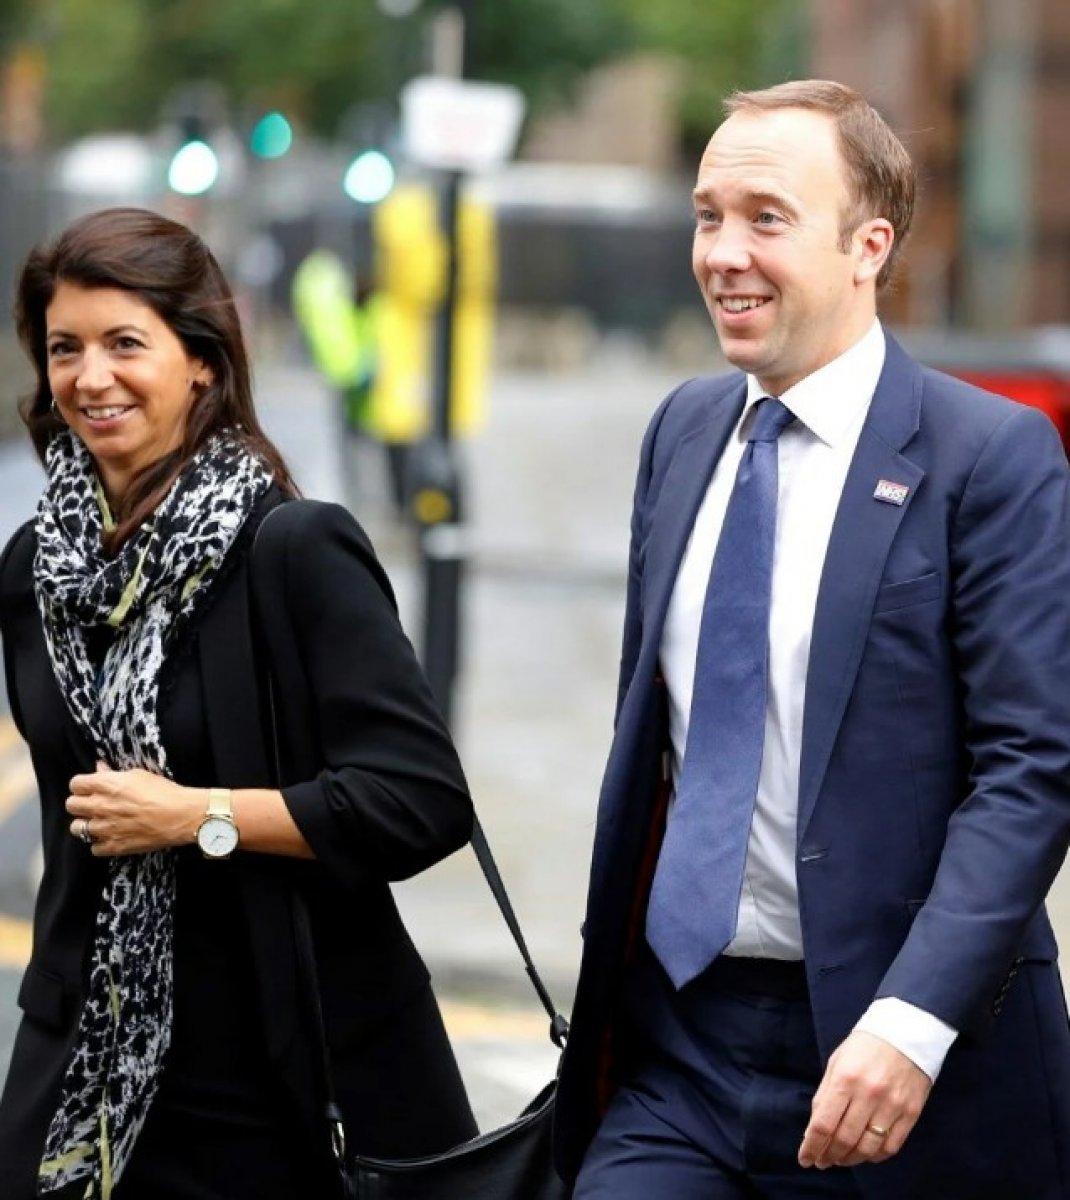 İngiltere Sağlık Bakanı Matt Hancock, eşini terk etti #1